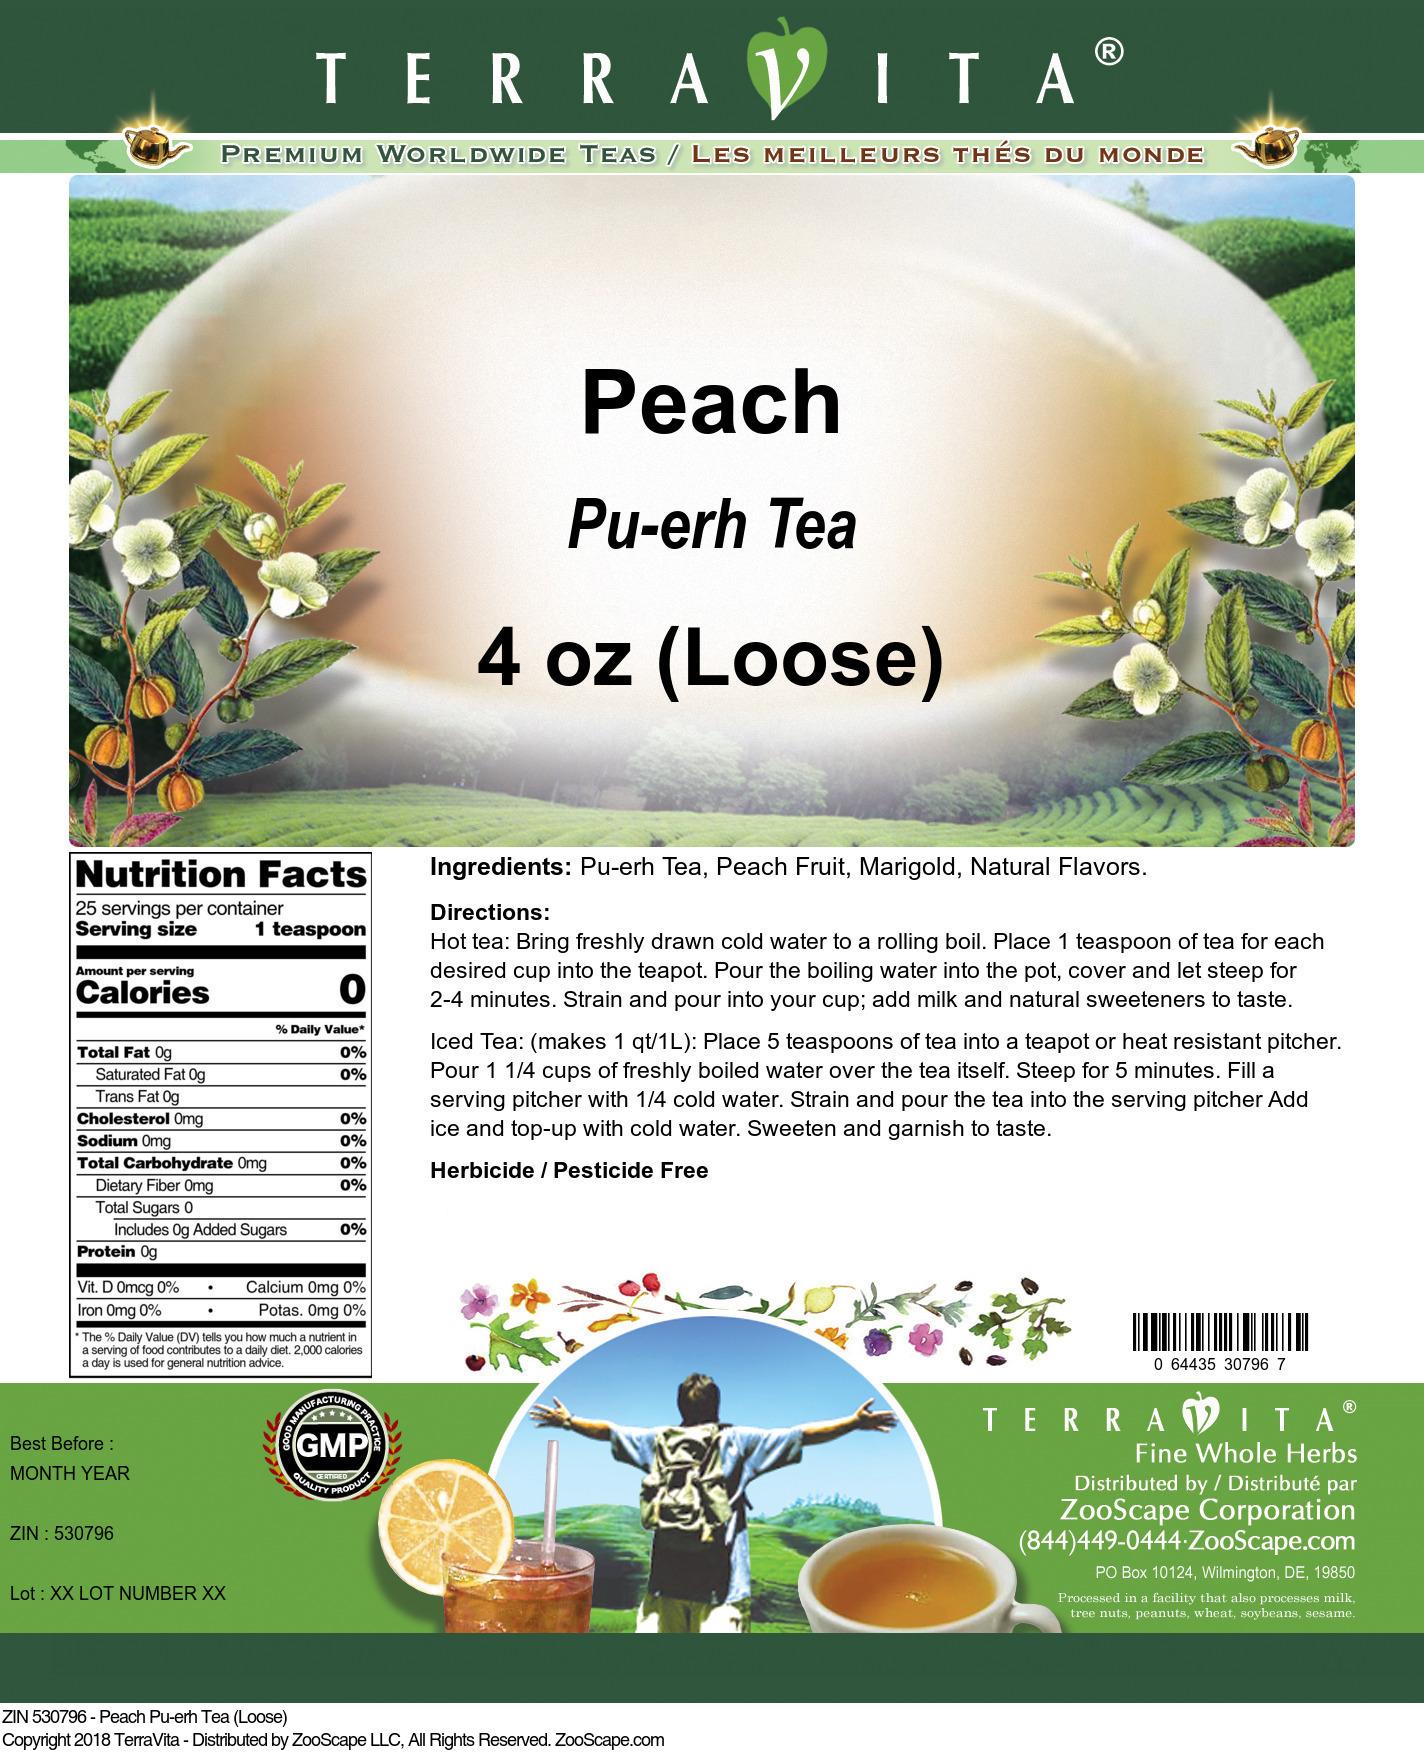 Peach Pu-erh Tea (Loose)